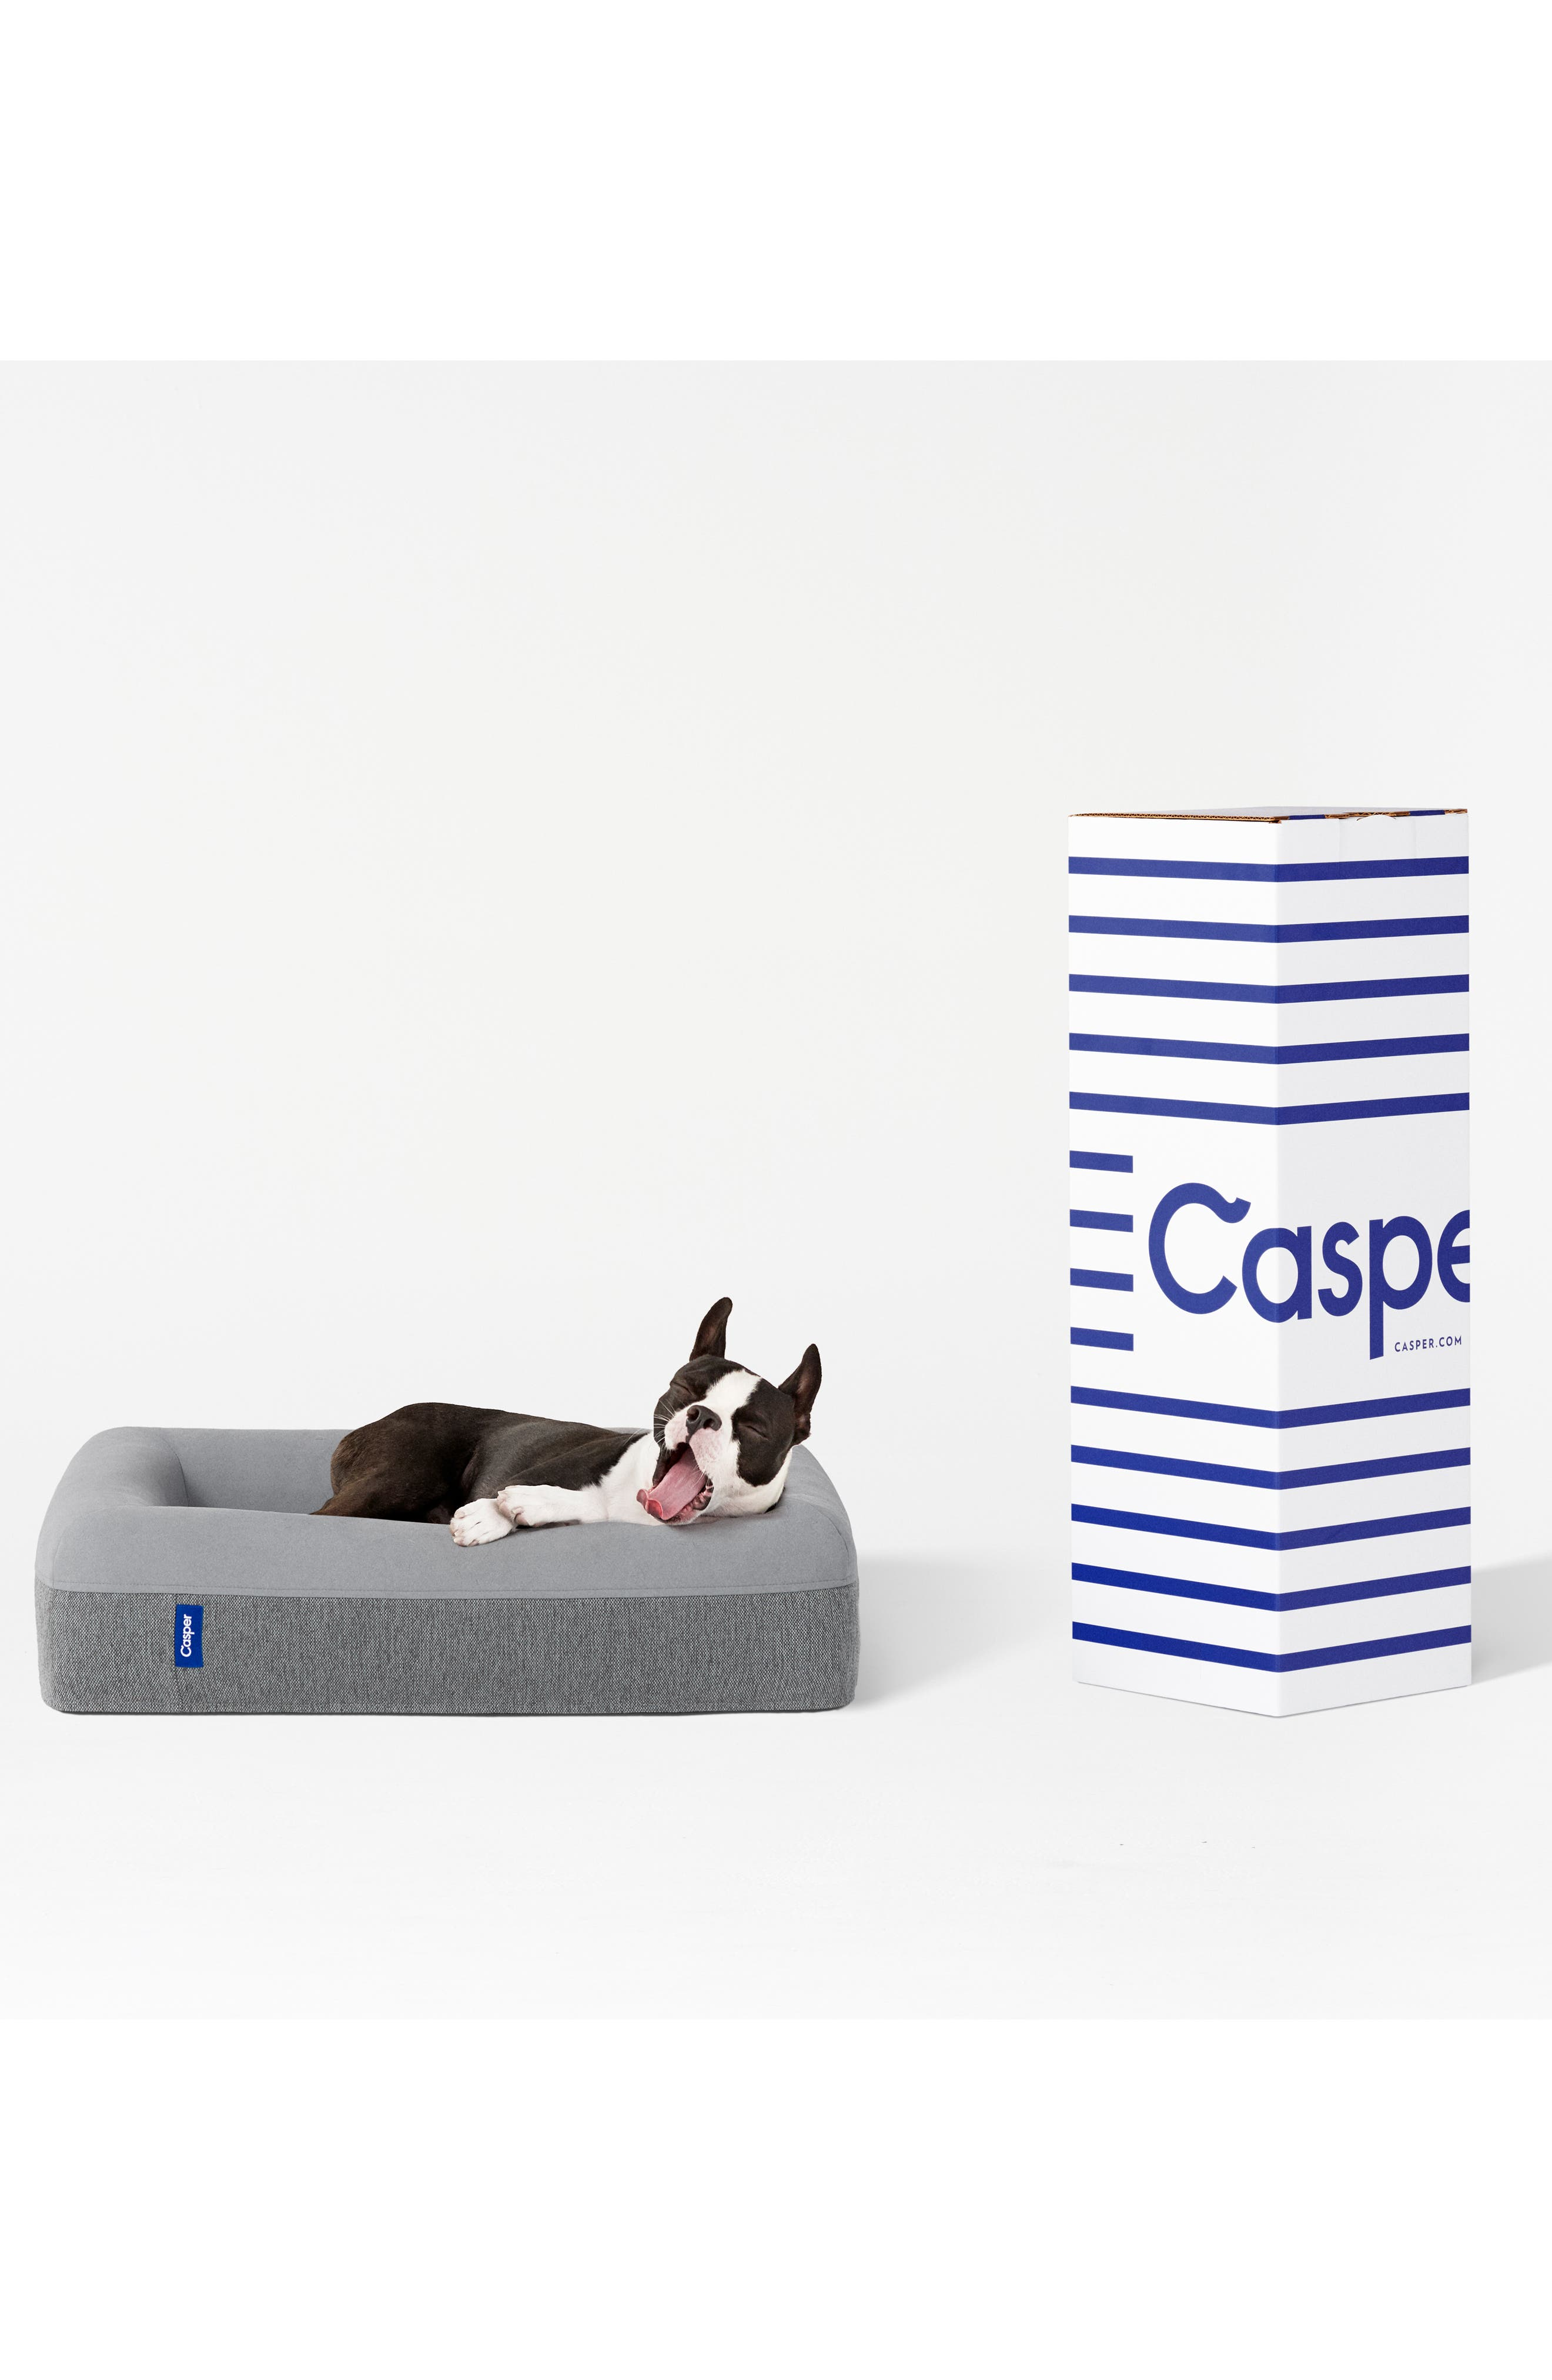 Casper Dog Bed Size Small  Grey